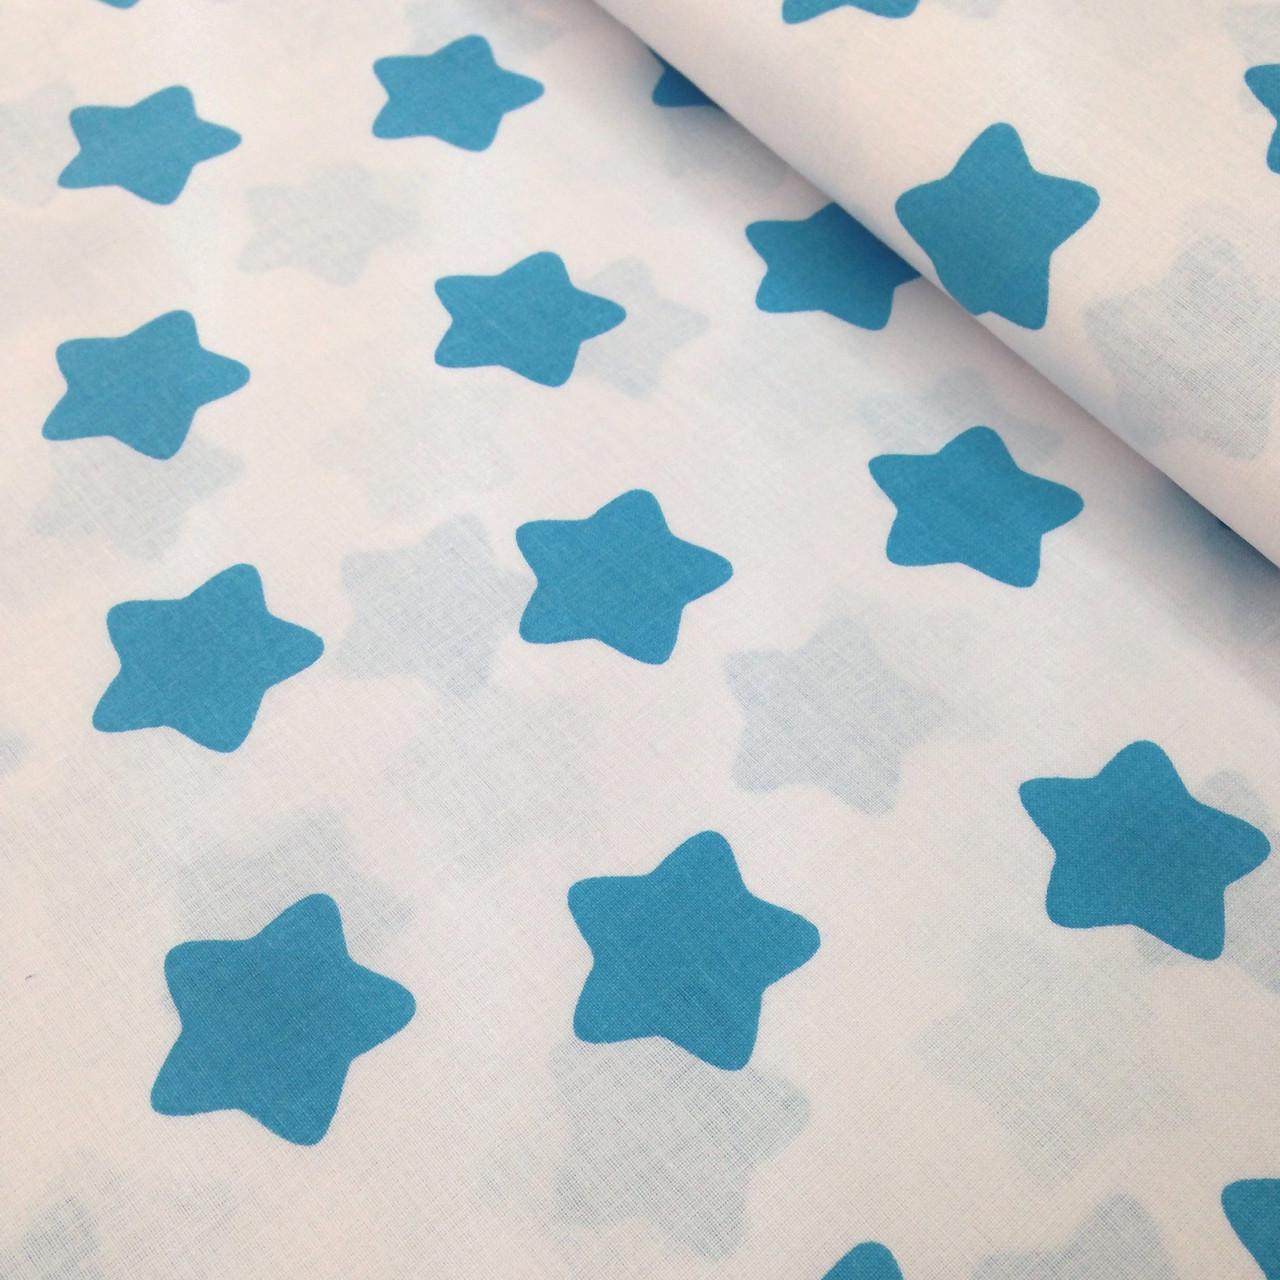 Хлопковая ткань польская звезды крупные бирюзовые (пряники) на белом отрез (размер 0,4*1,6 м)